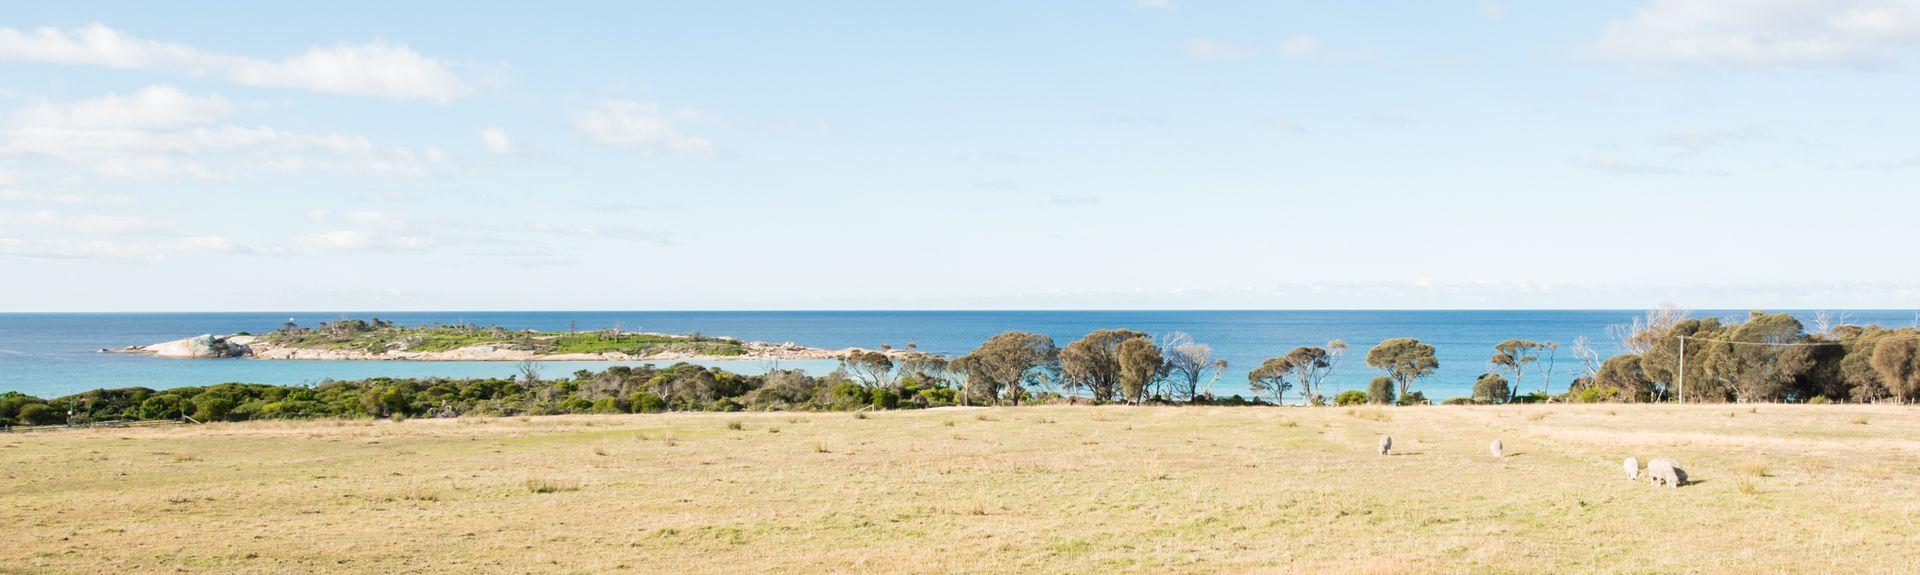 East Coast Natureworld, Bicheno, Tasmania, Australia